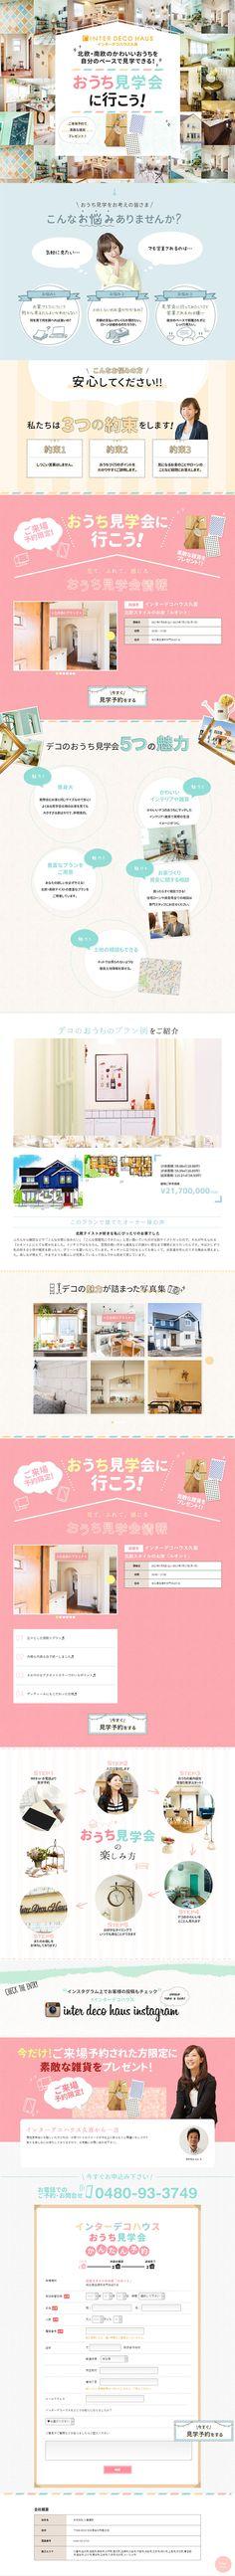 インターデコハウス久喜|WEBデザイナーさん必見!ランディングページのデザイン参考に(かわいい系)